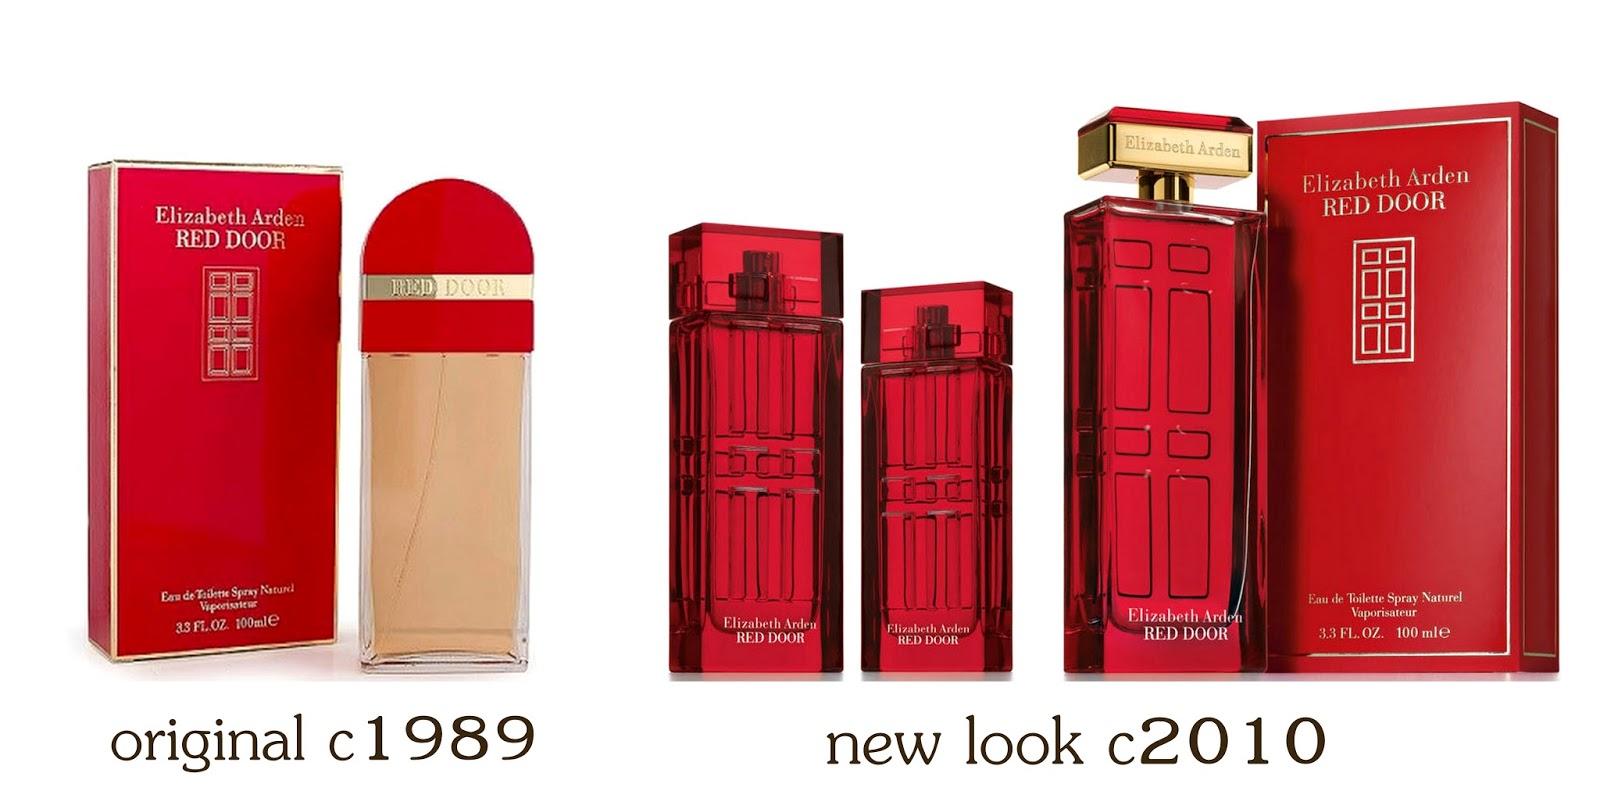 Elizabeth Arden Perfumes Red Door By Elizabeth Arden C2010